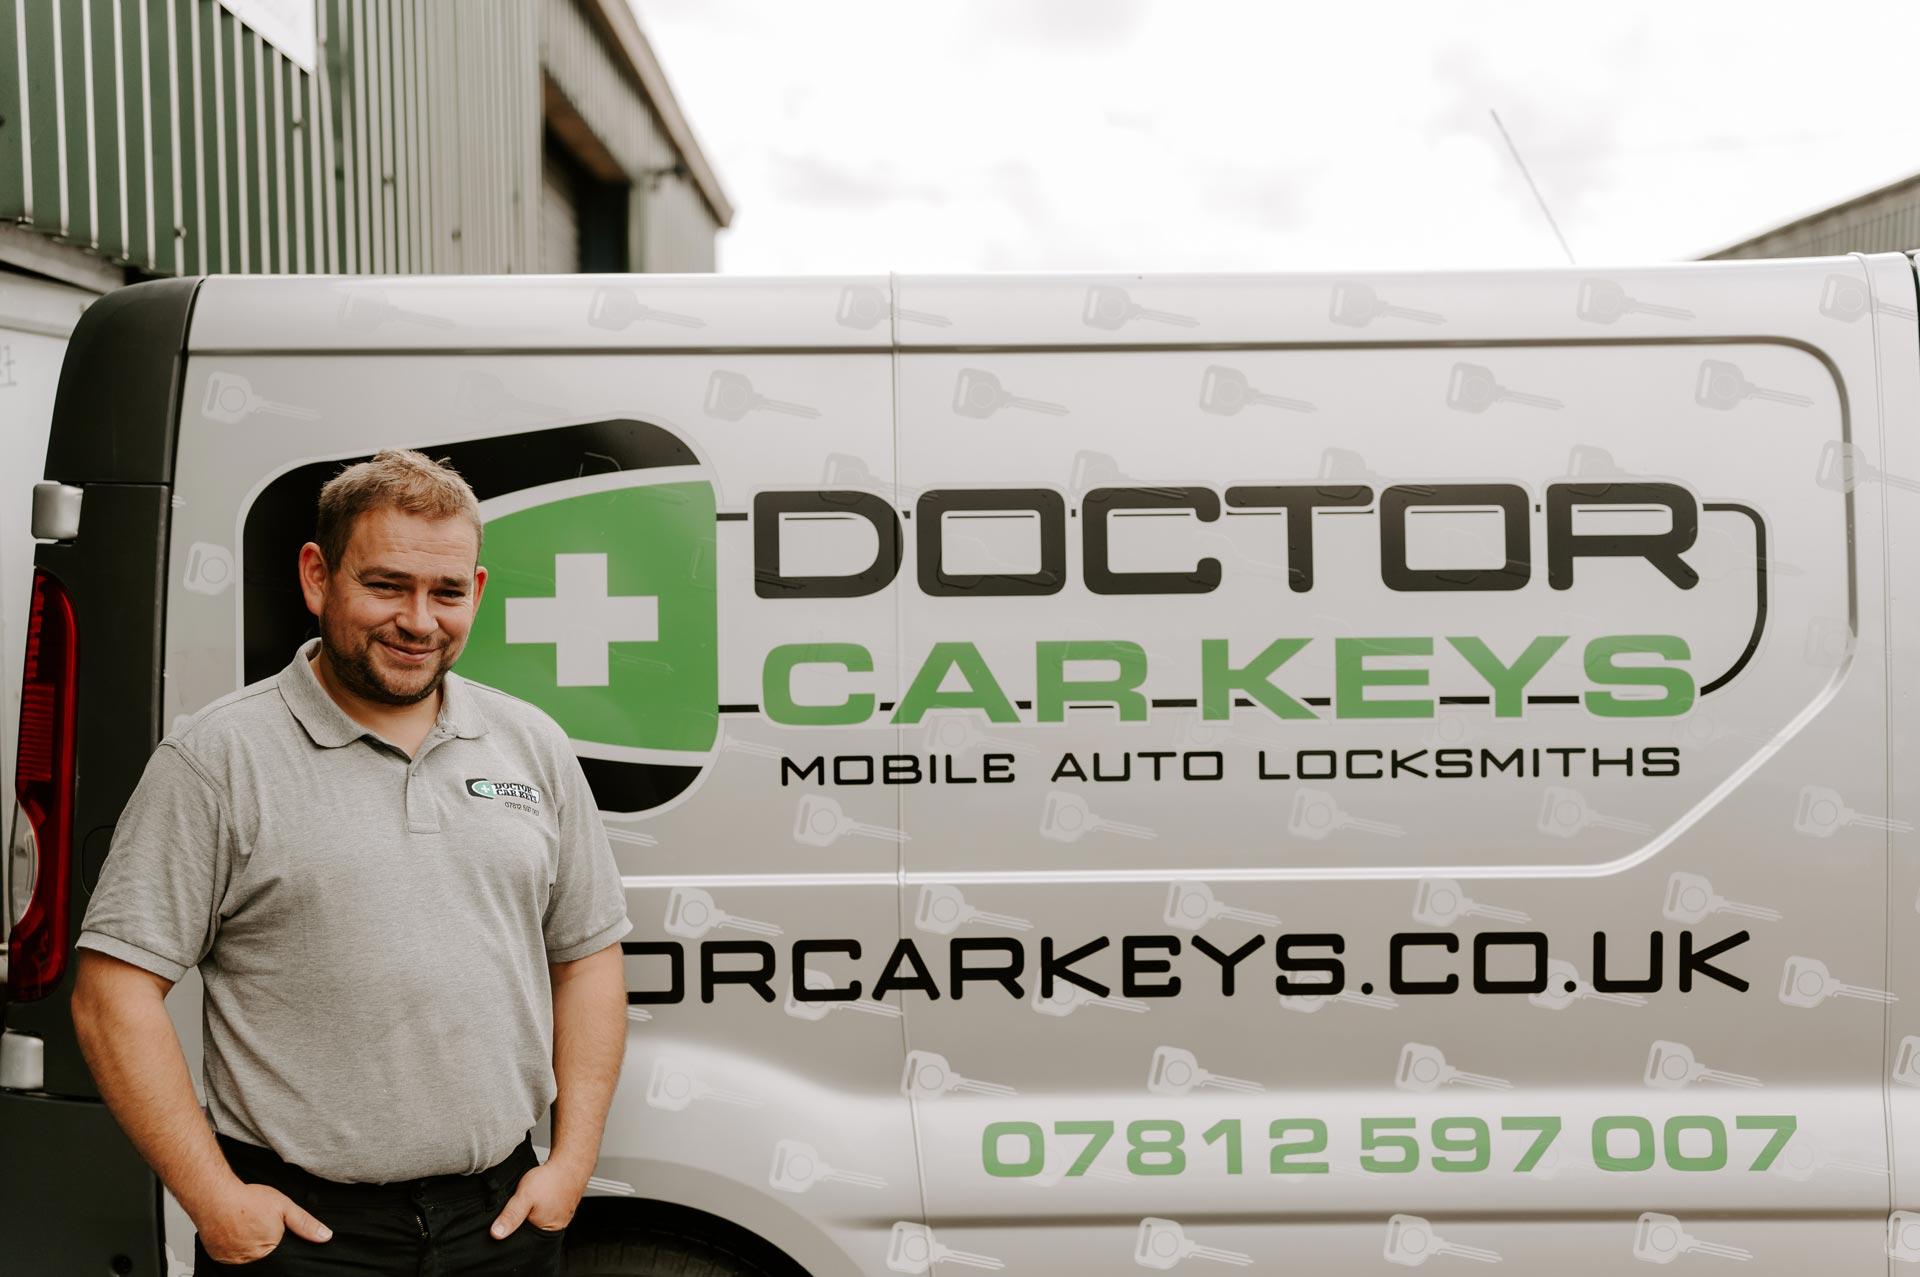 Auto Locksmiths in Bracknell